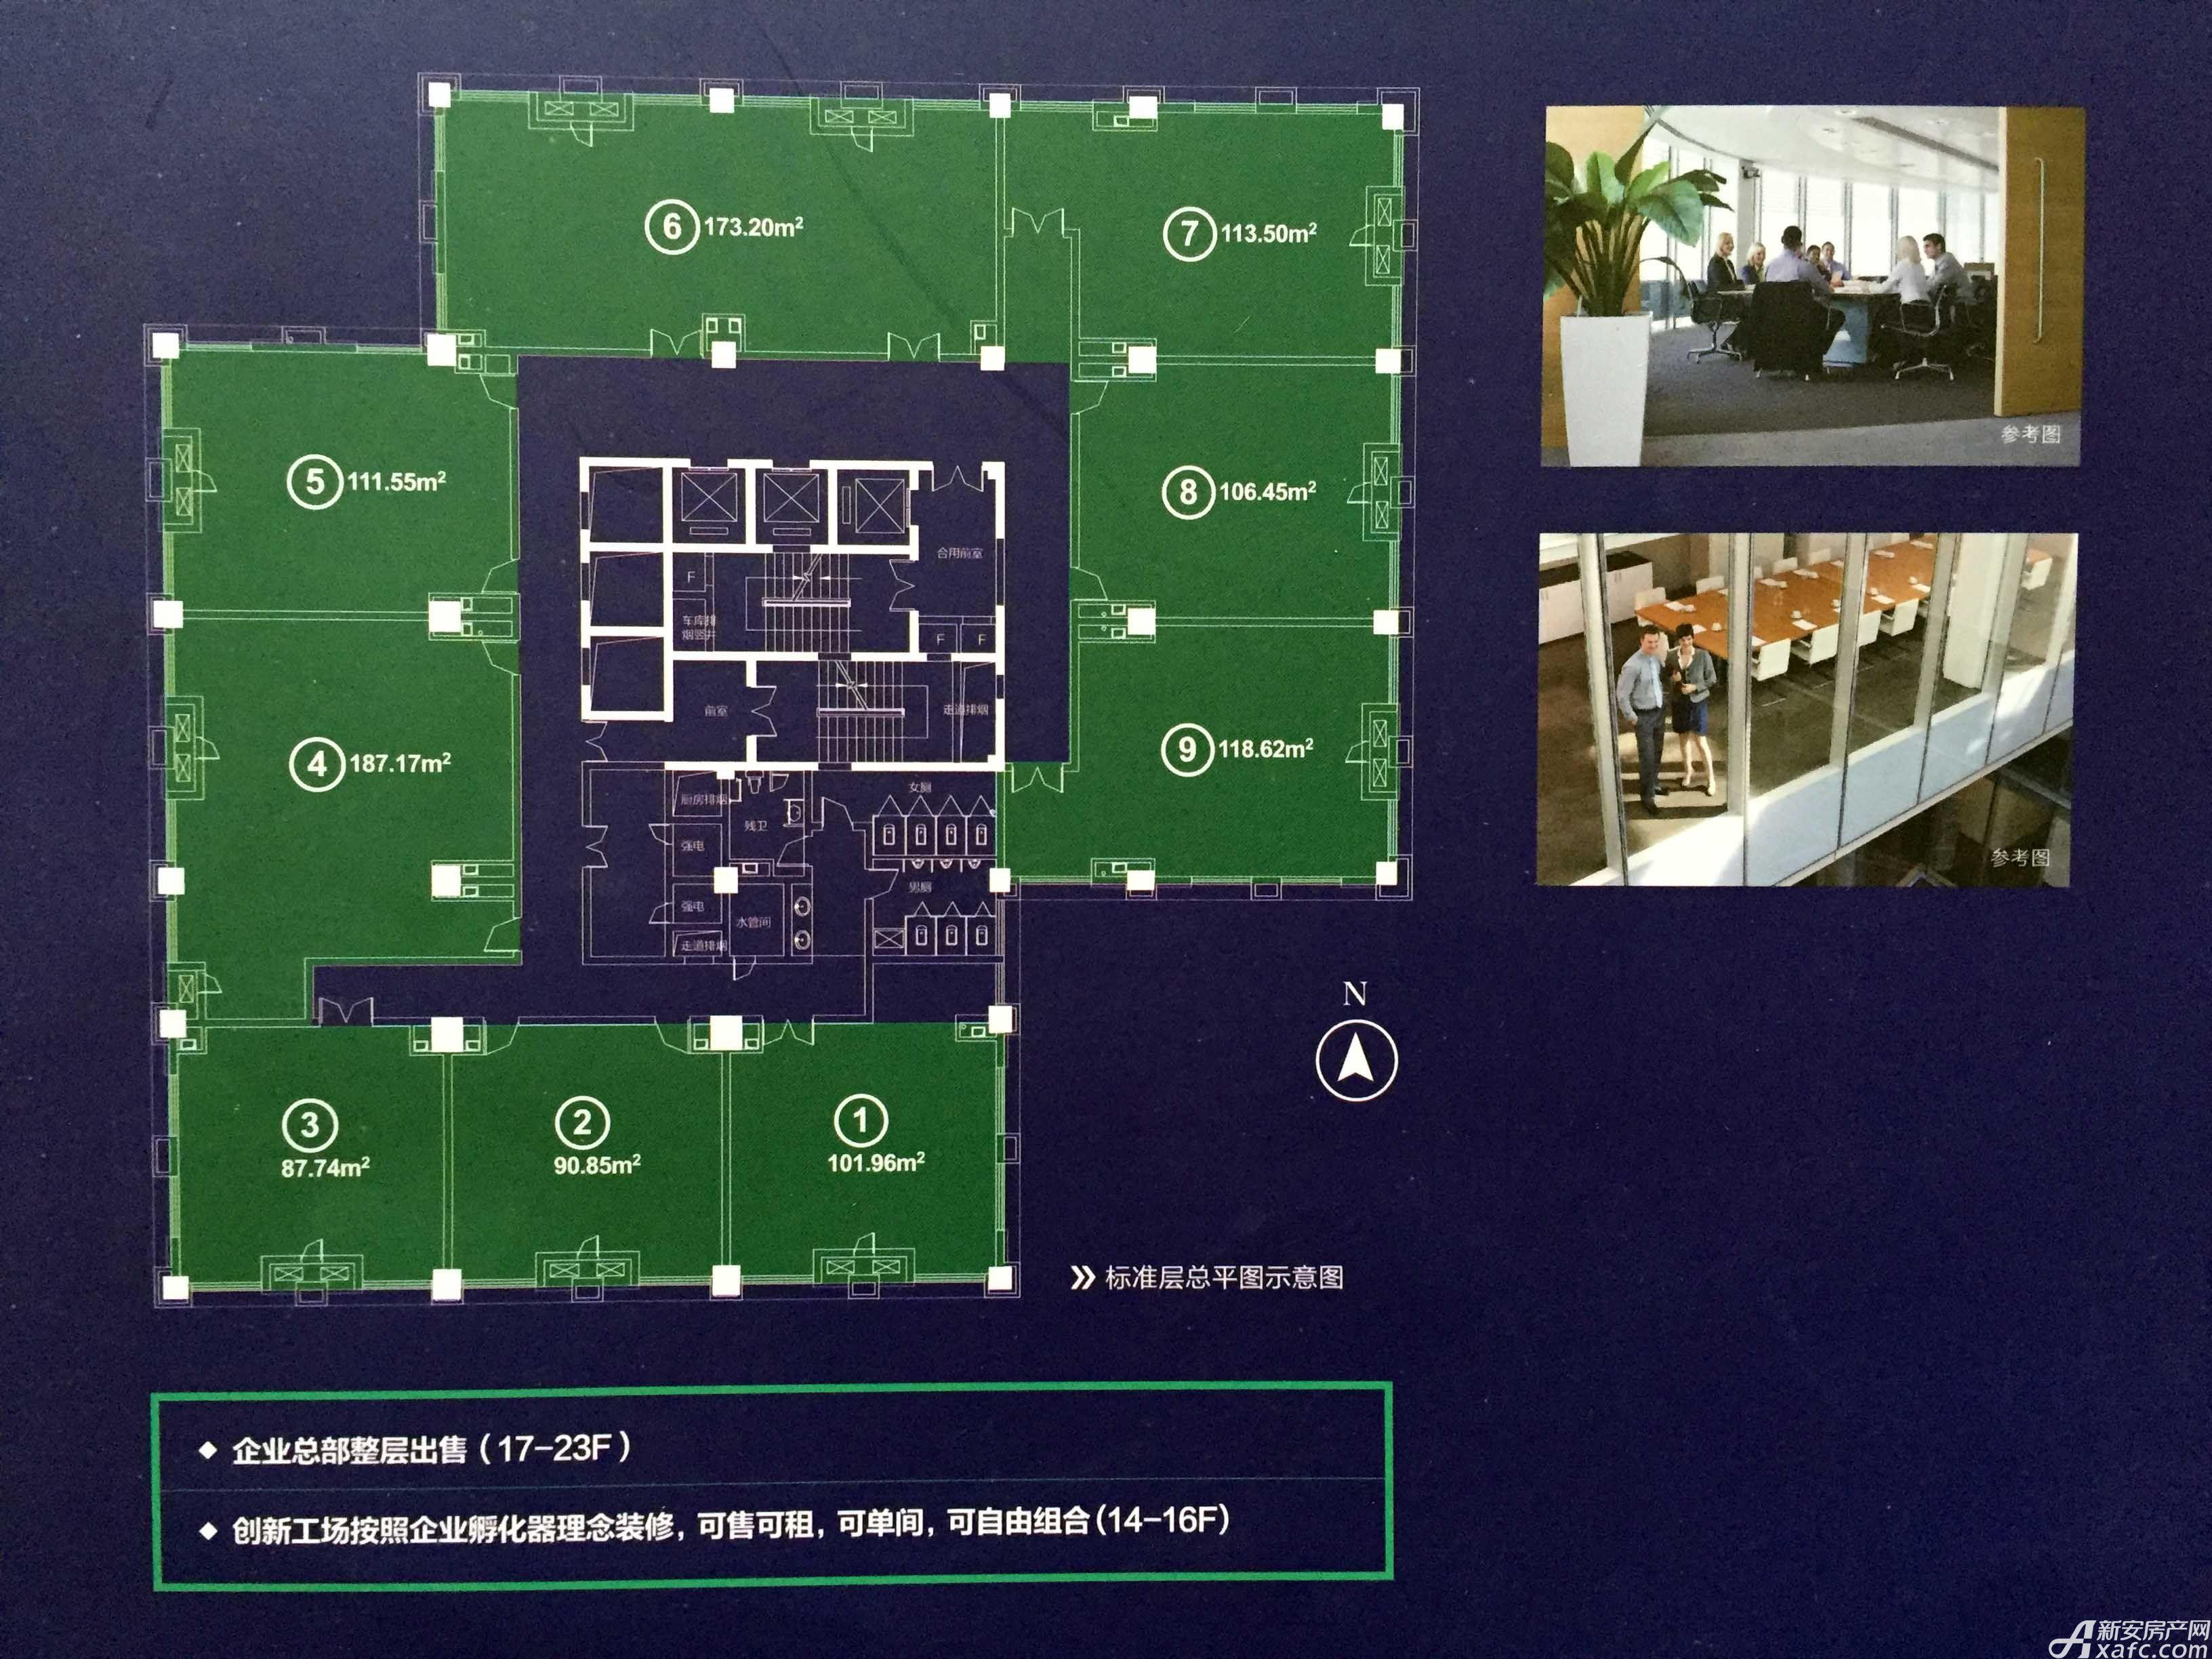 万泰汇富广场写字楼标准层总平面图示意图1室113平米